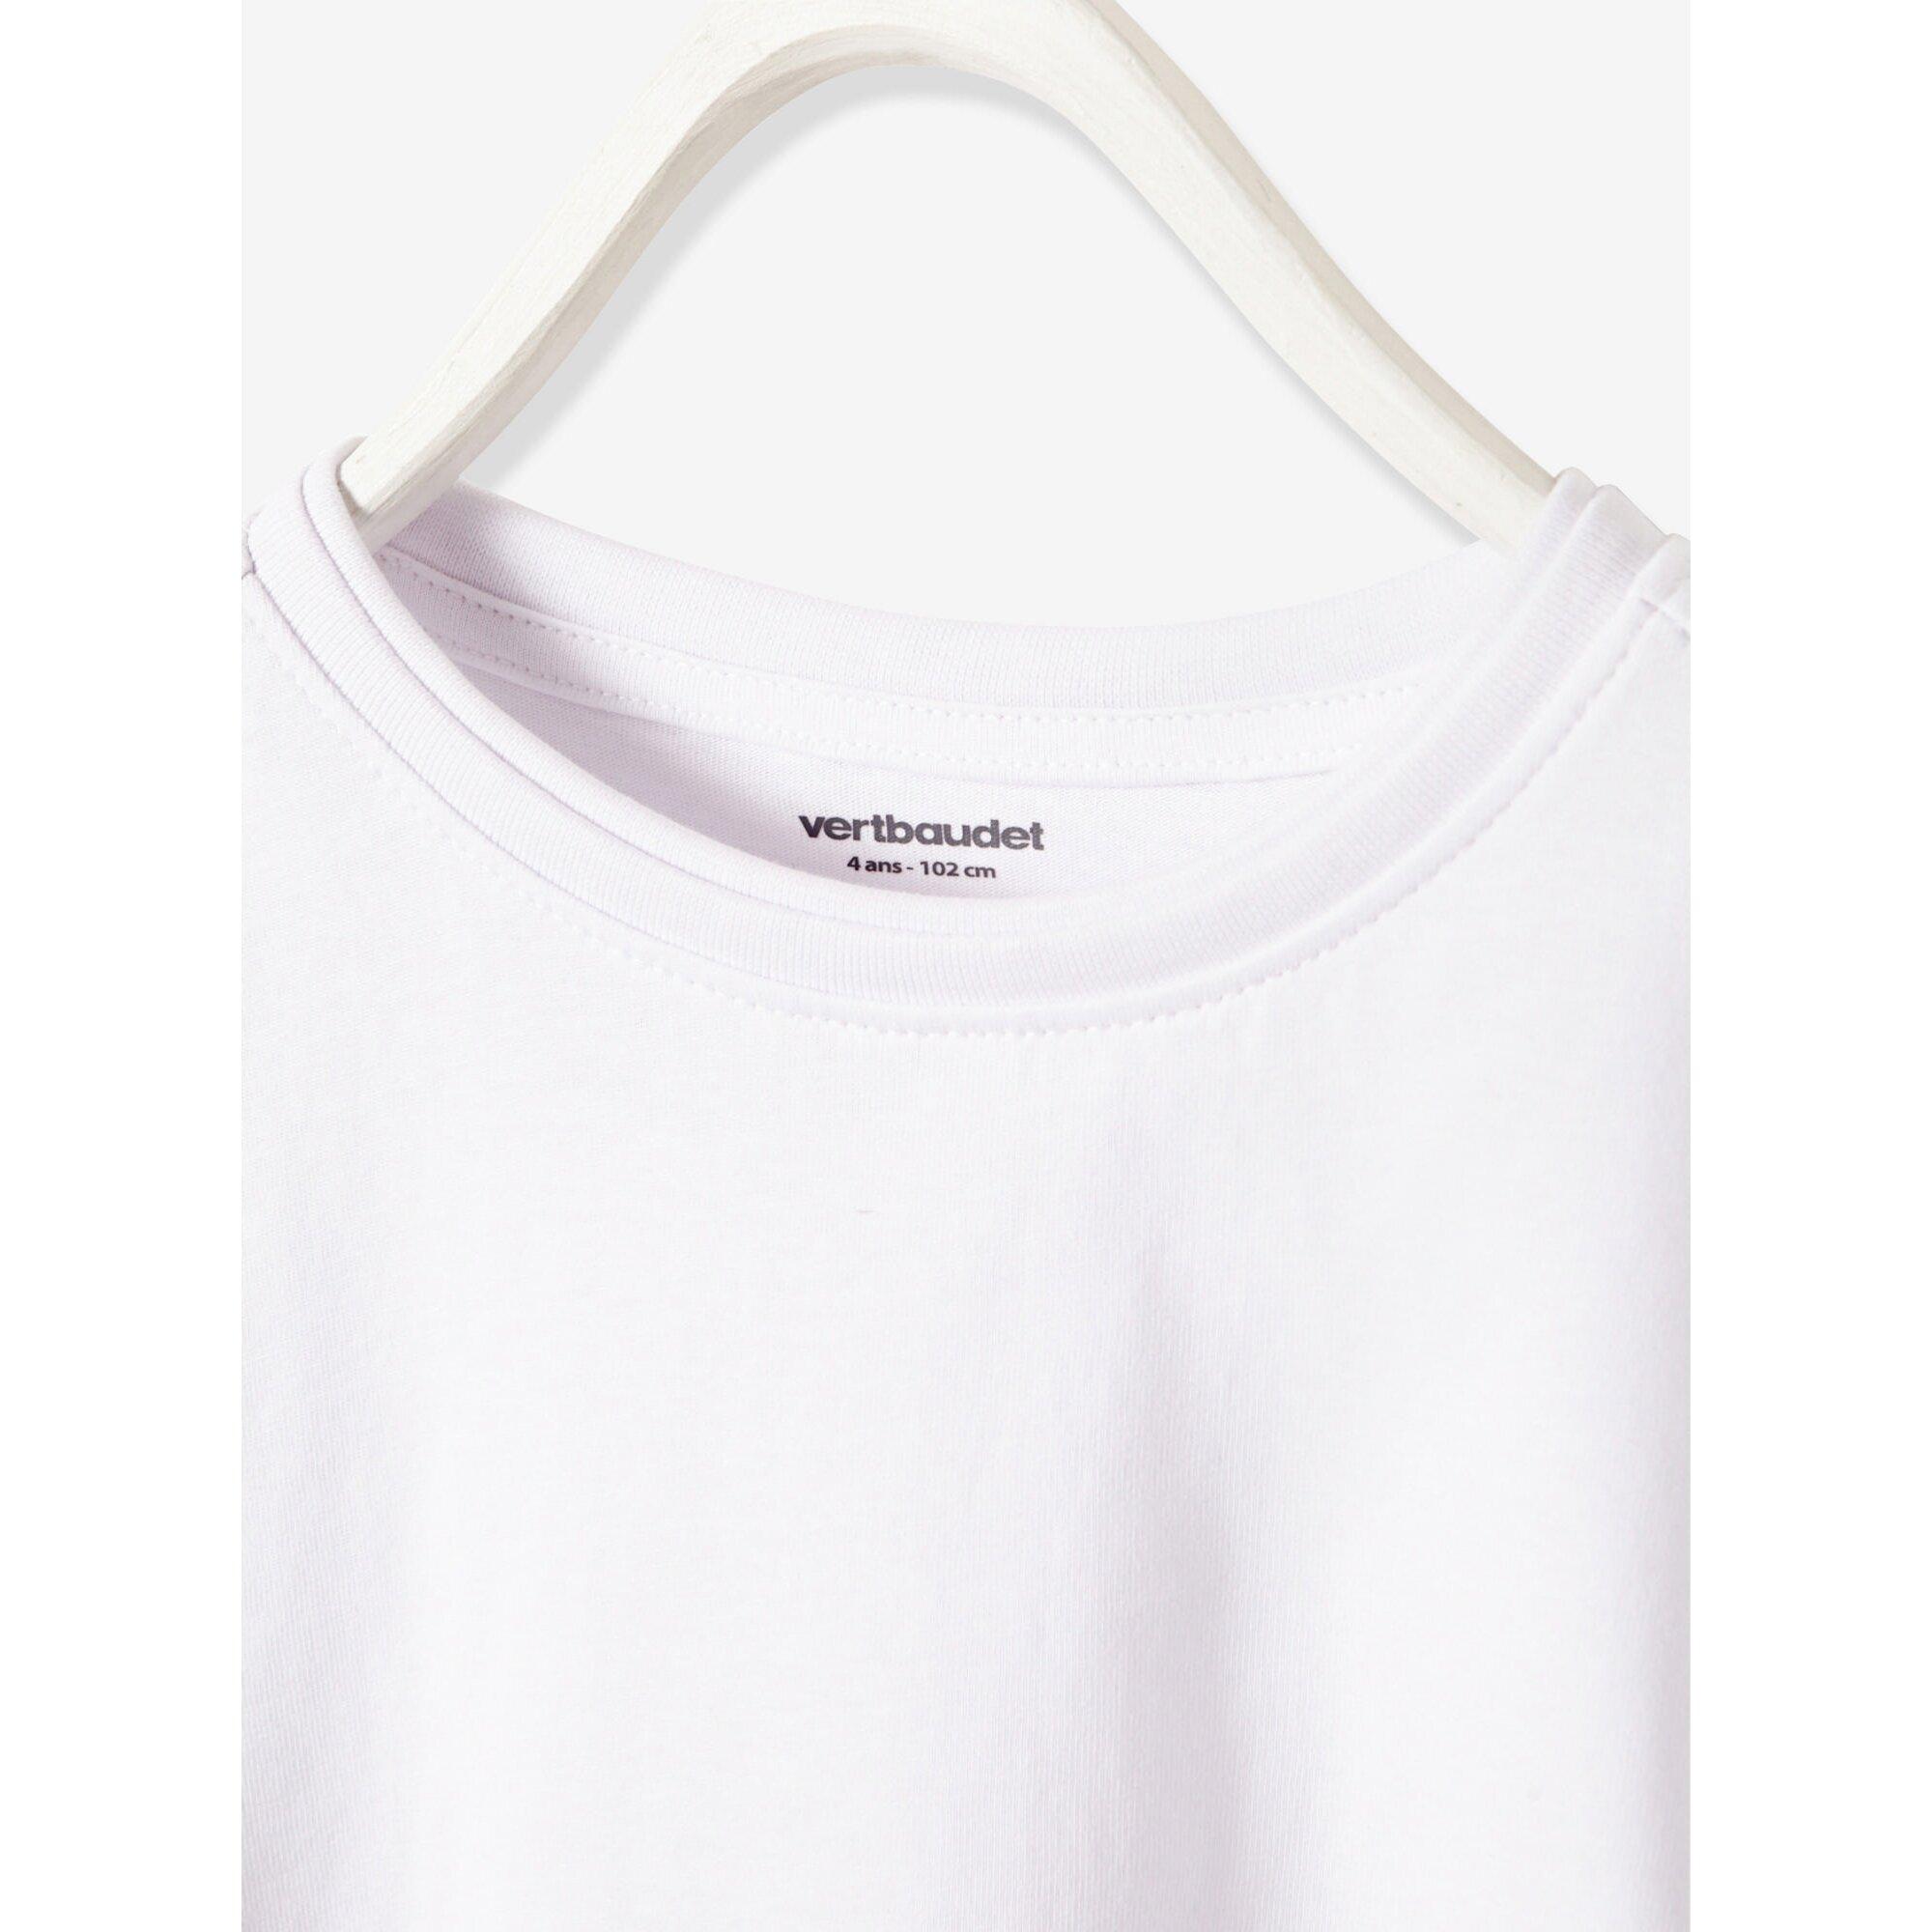 vertbaudet-t-shirt-fur-jungen-reine-baumwolle